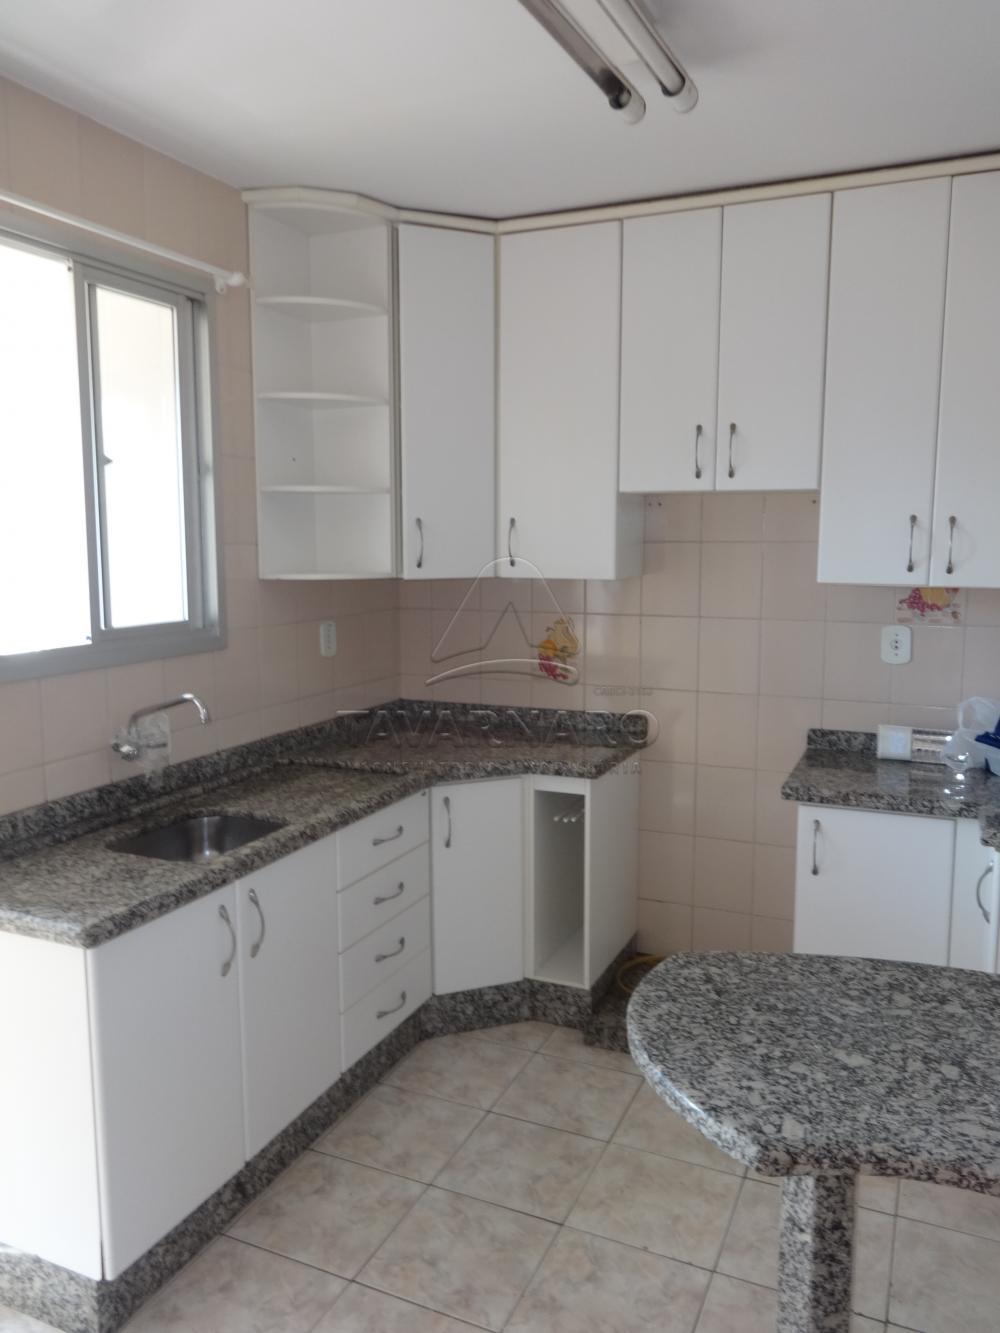 Alugar Apartamento / Padrão em Ponta Grossa R$ 950,00 - Foto 1